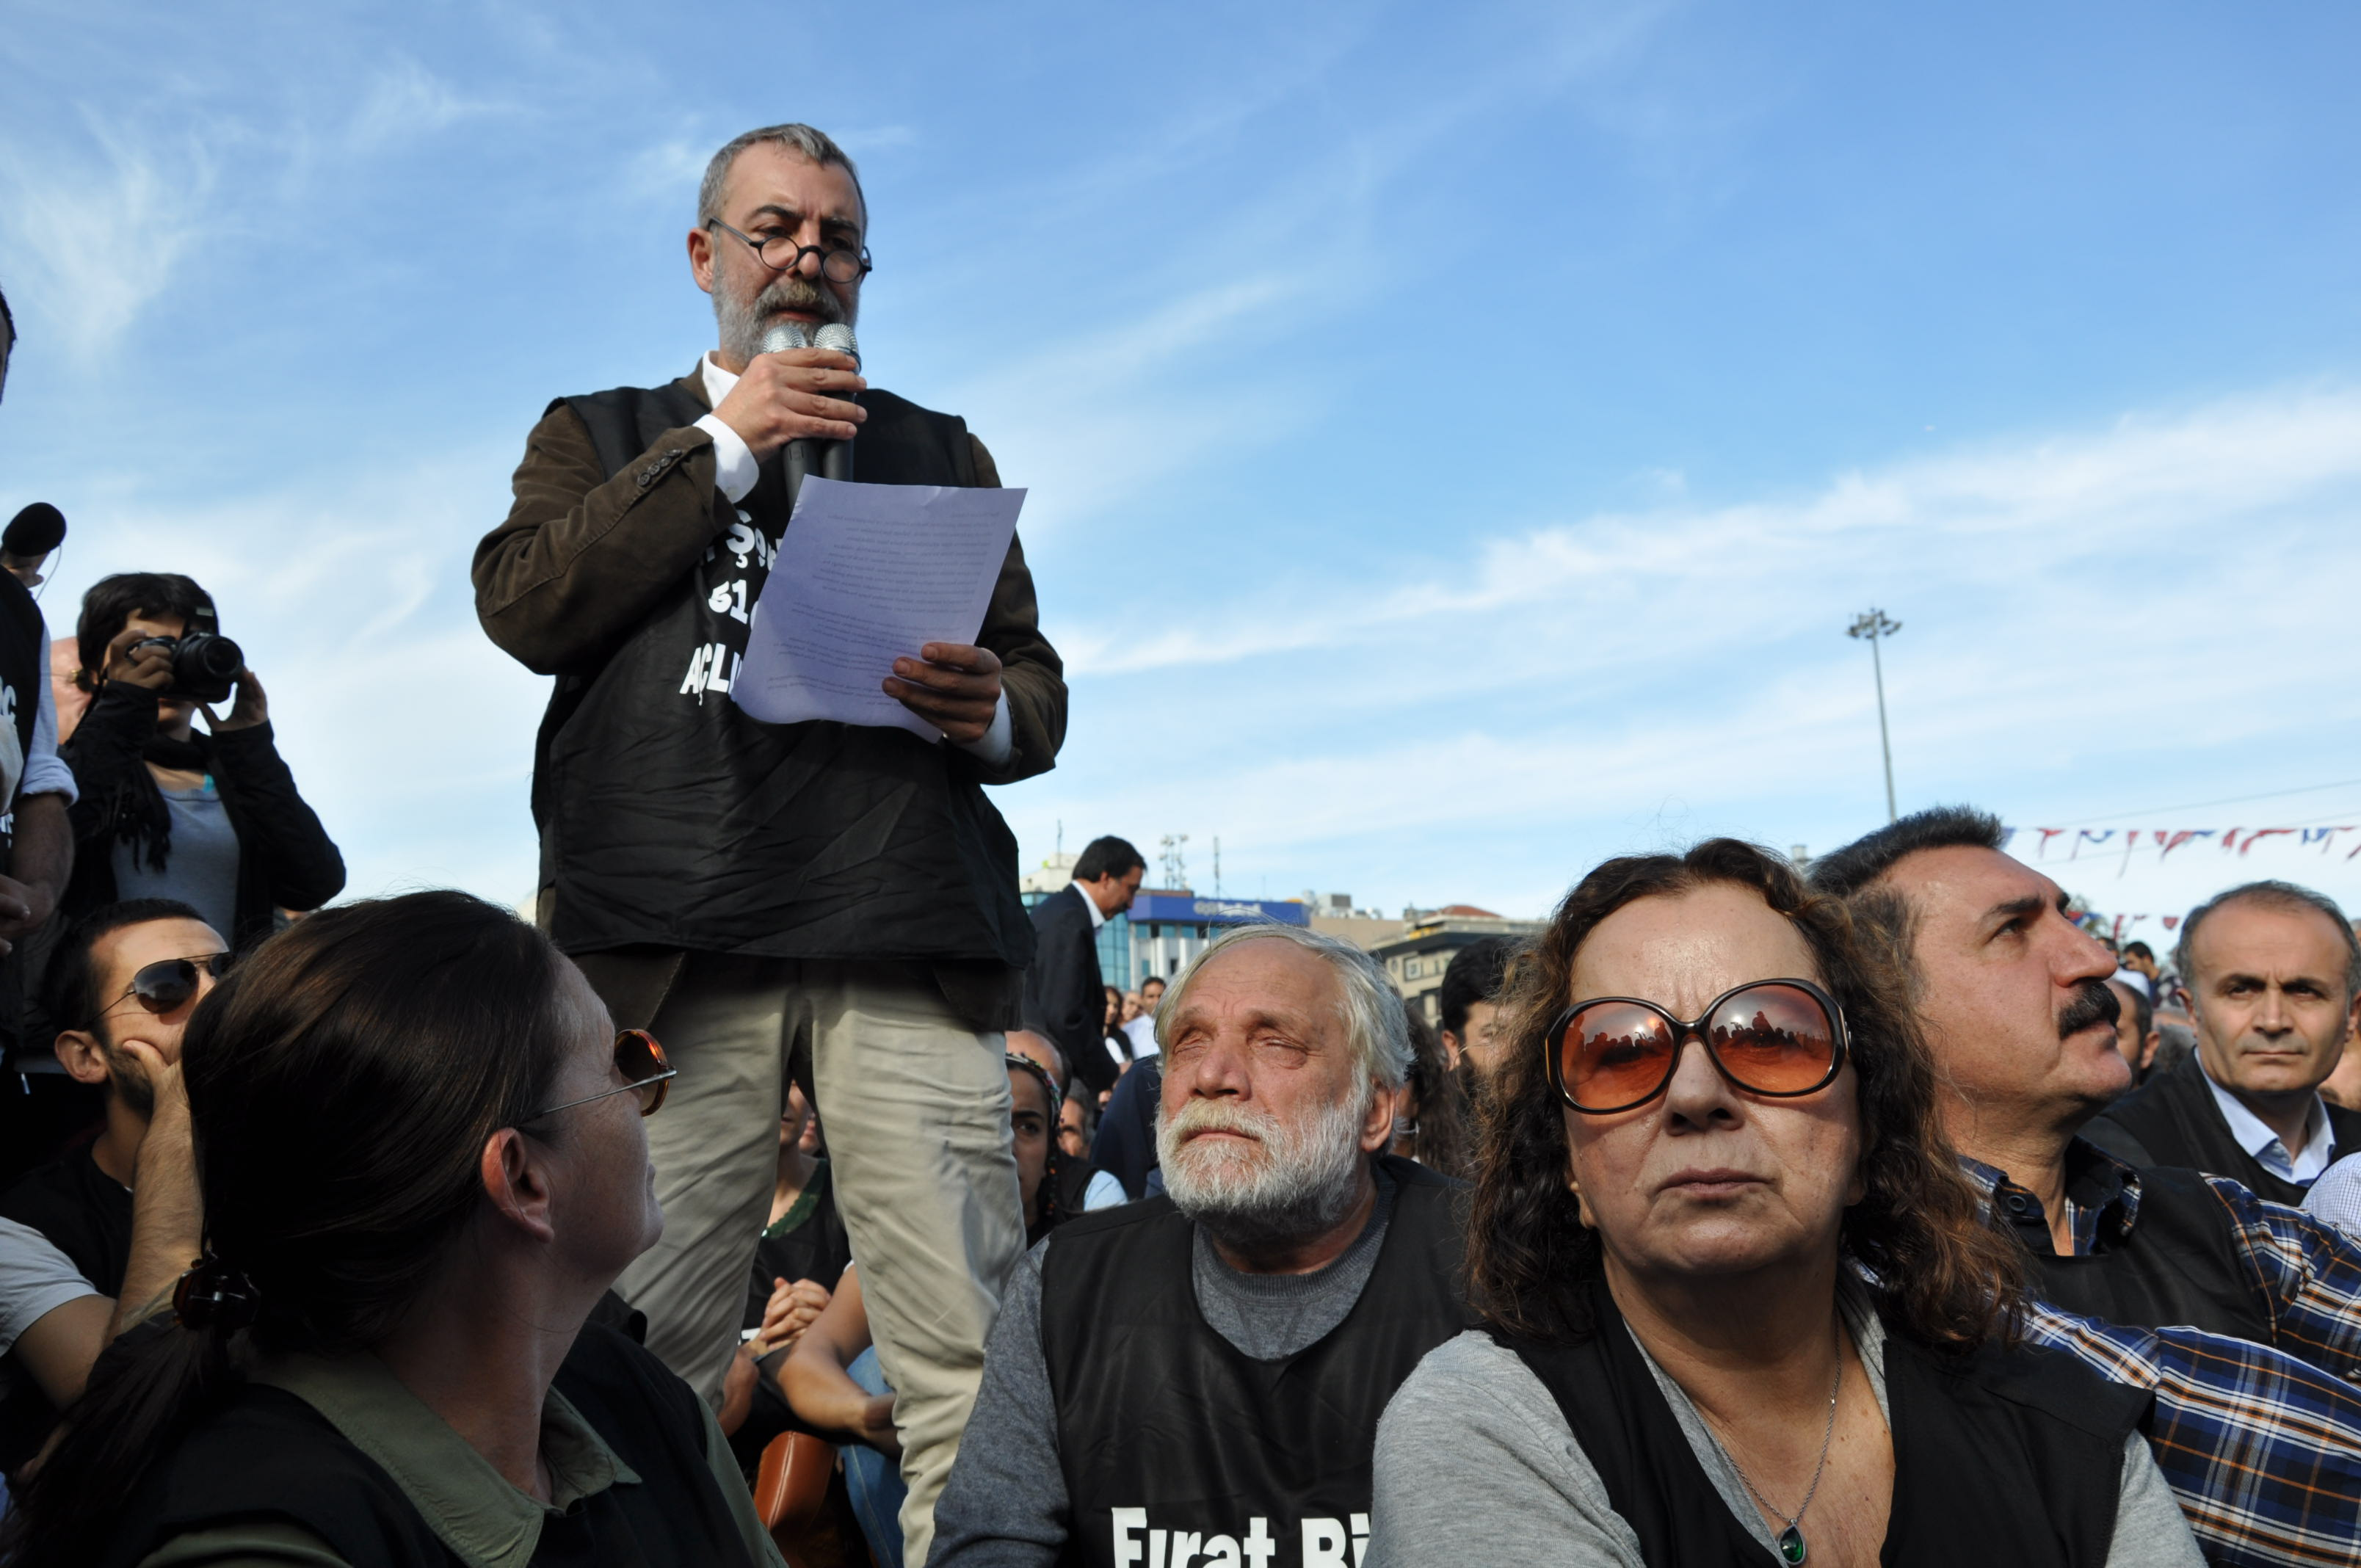 Intellettuali solidali con lo sciopero della fame dei prigionieri curdi